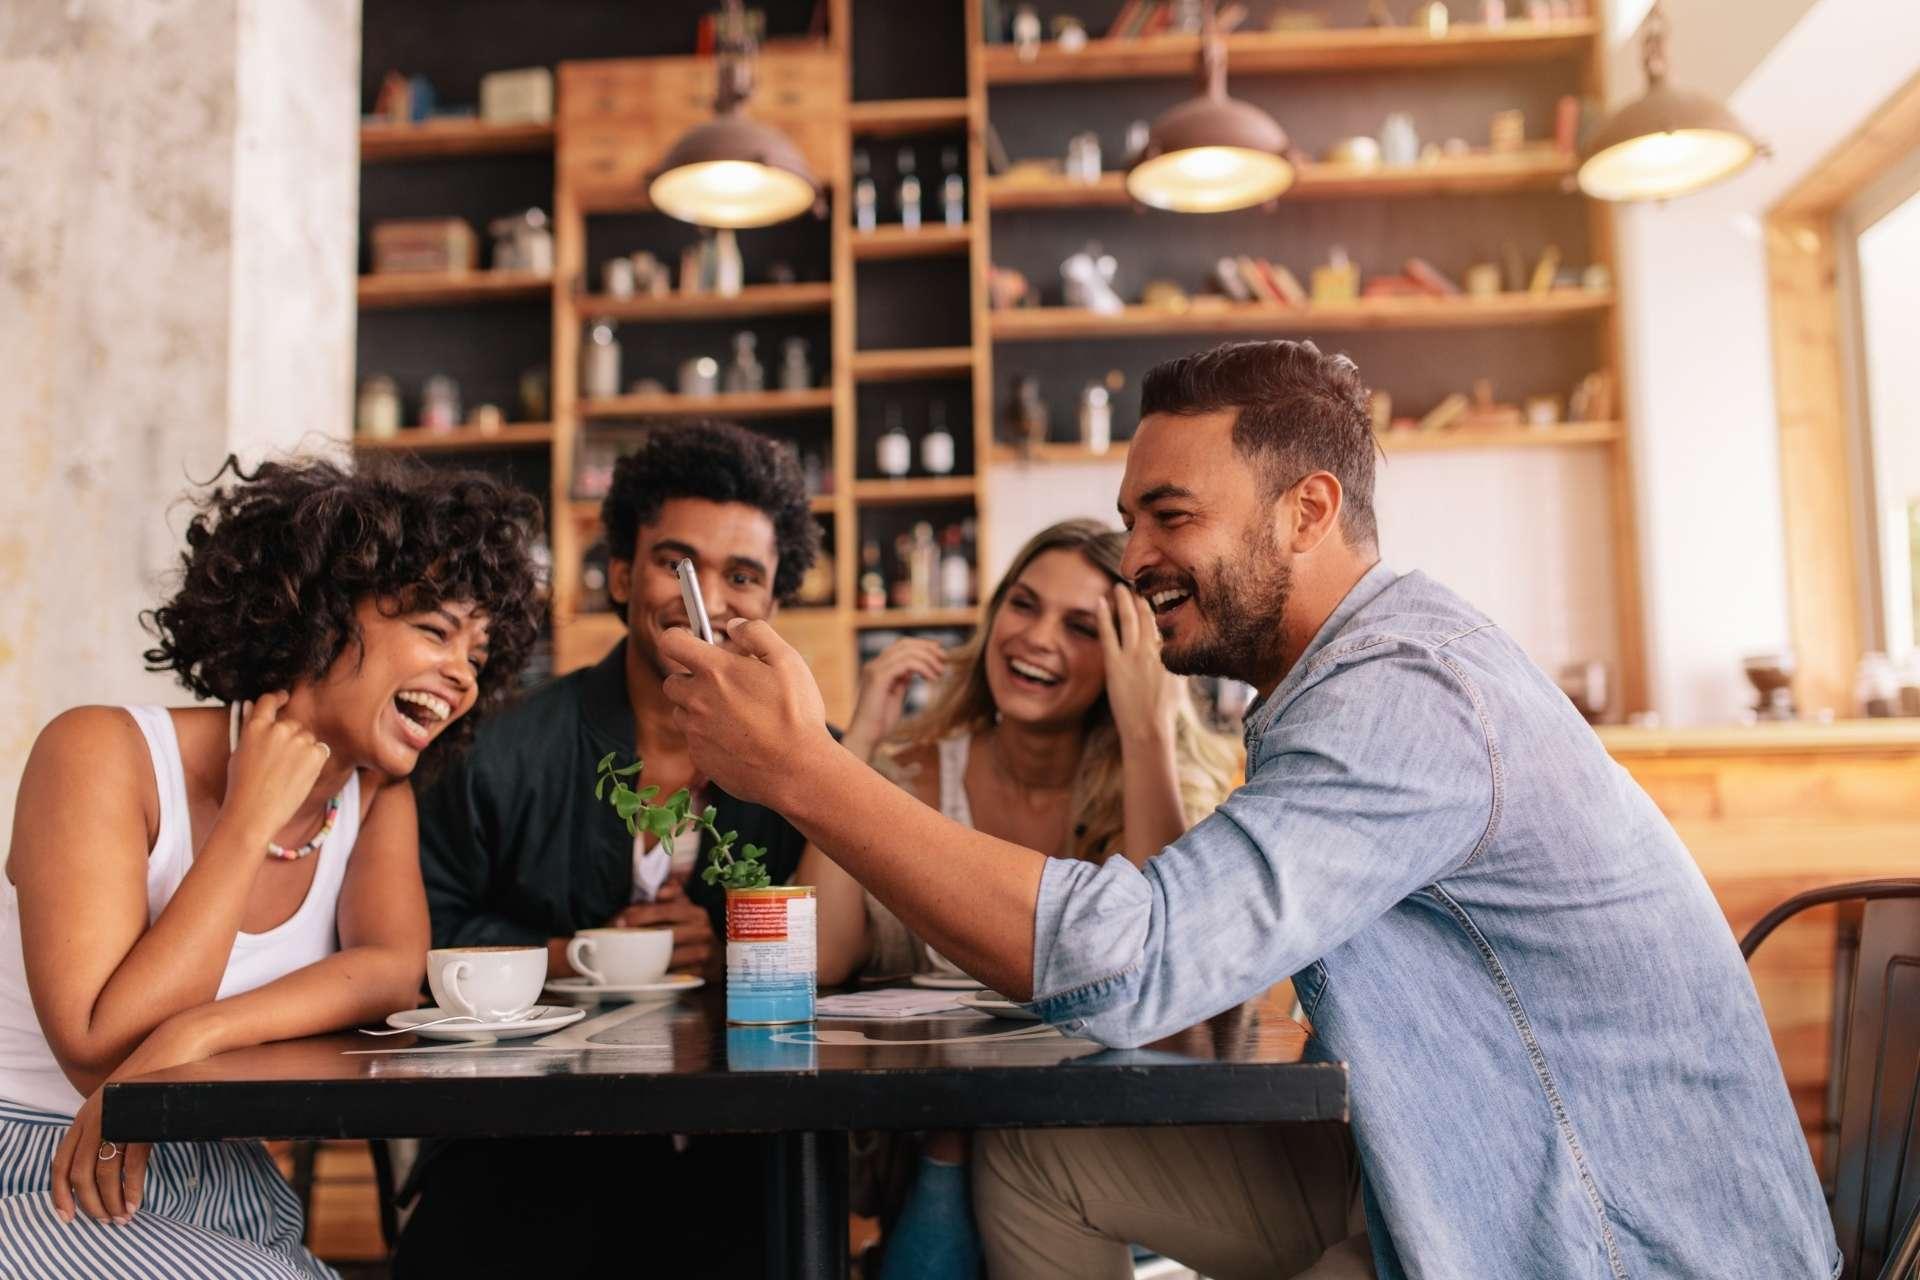 Imagem pessoas felizes em um restaurante.